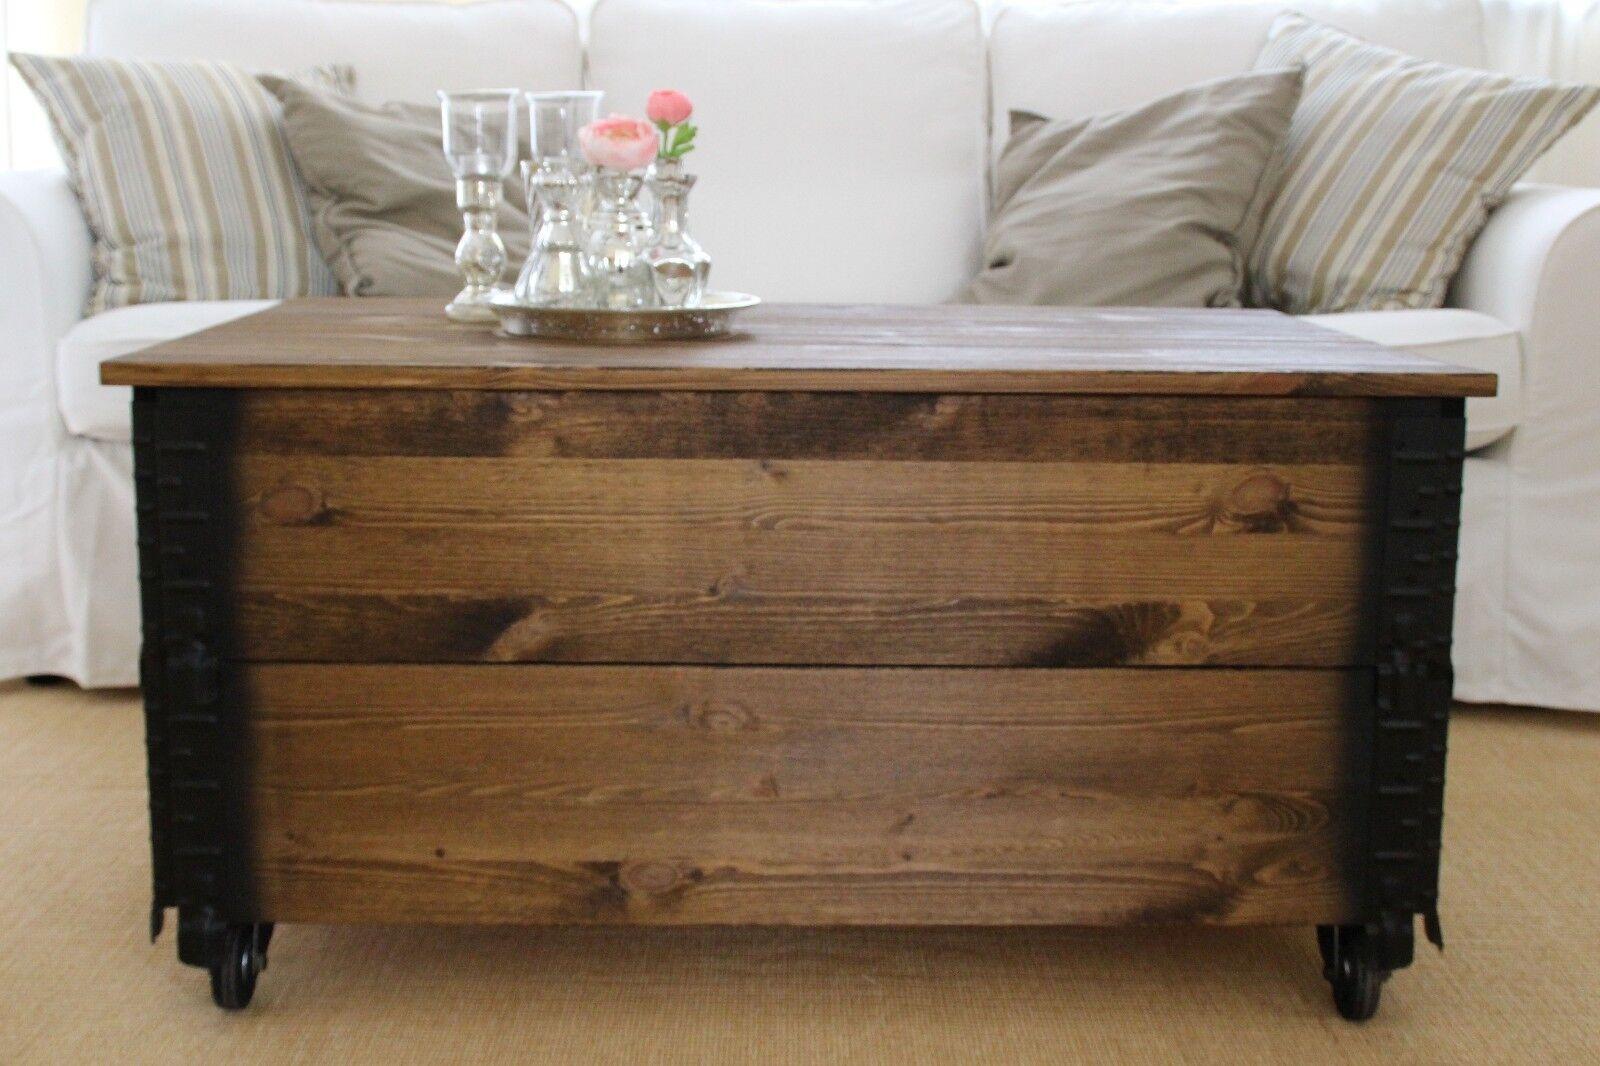 Couchtisch Truhe Wohnzimmertisch Sofatisch Holz massiv vintage shabby loft alt